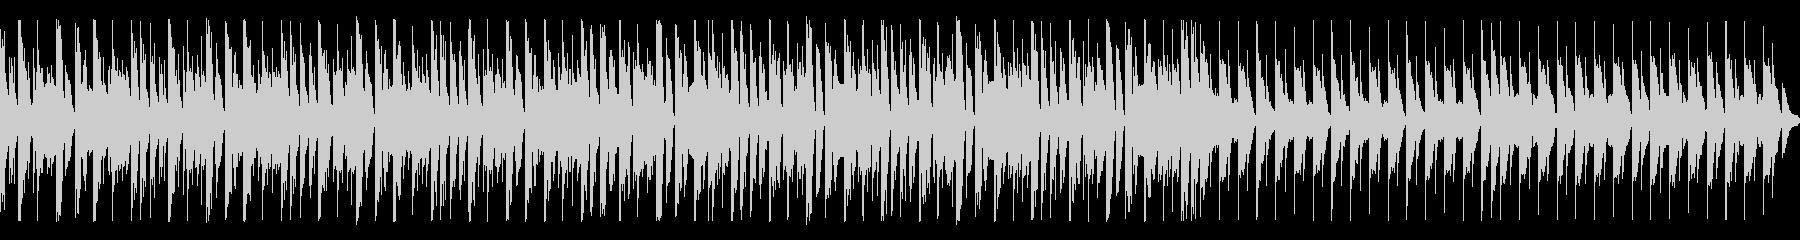 【ループ・Pf抜】軽快なピアノEDMの未再生の波形